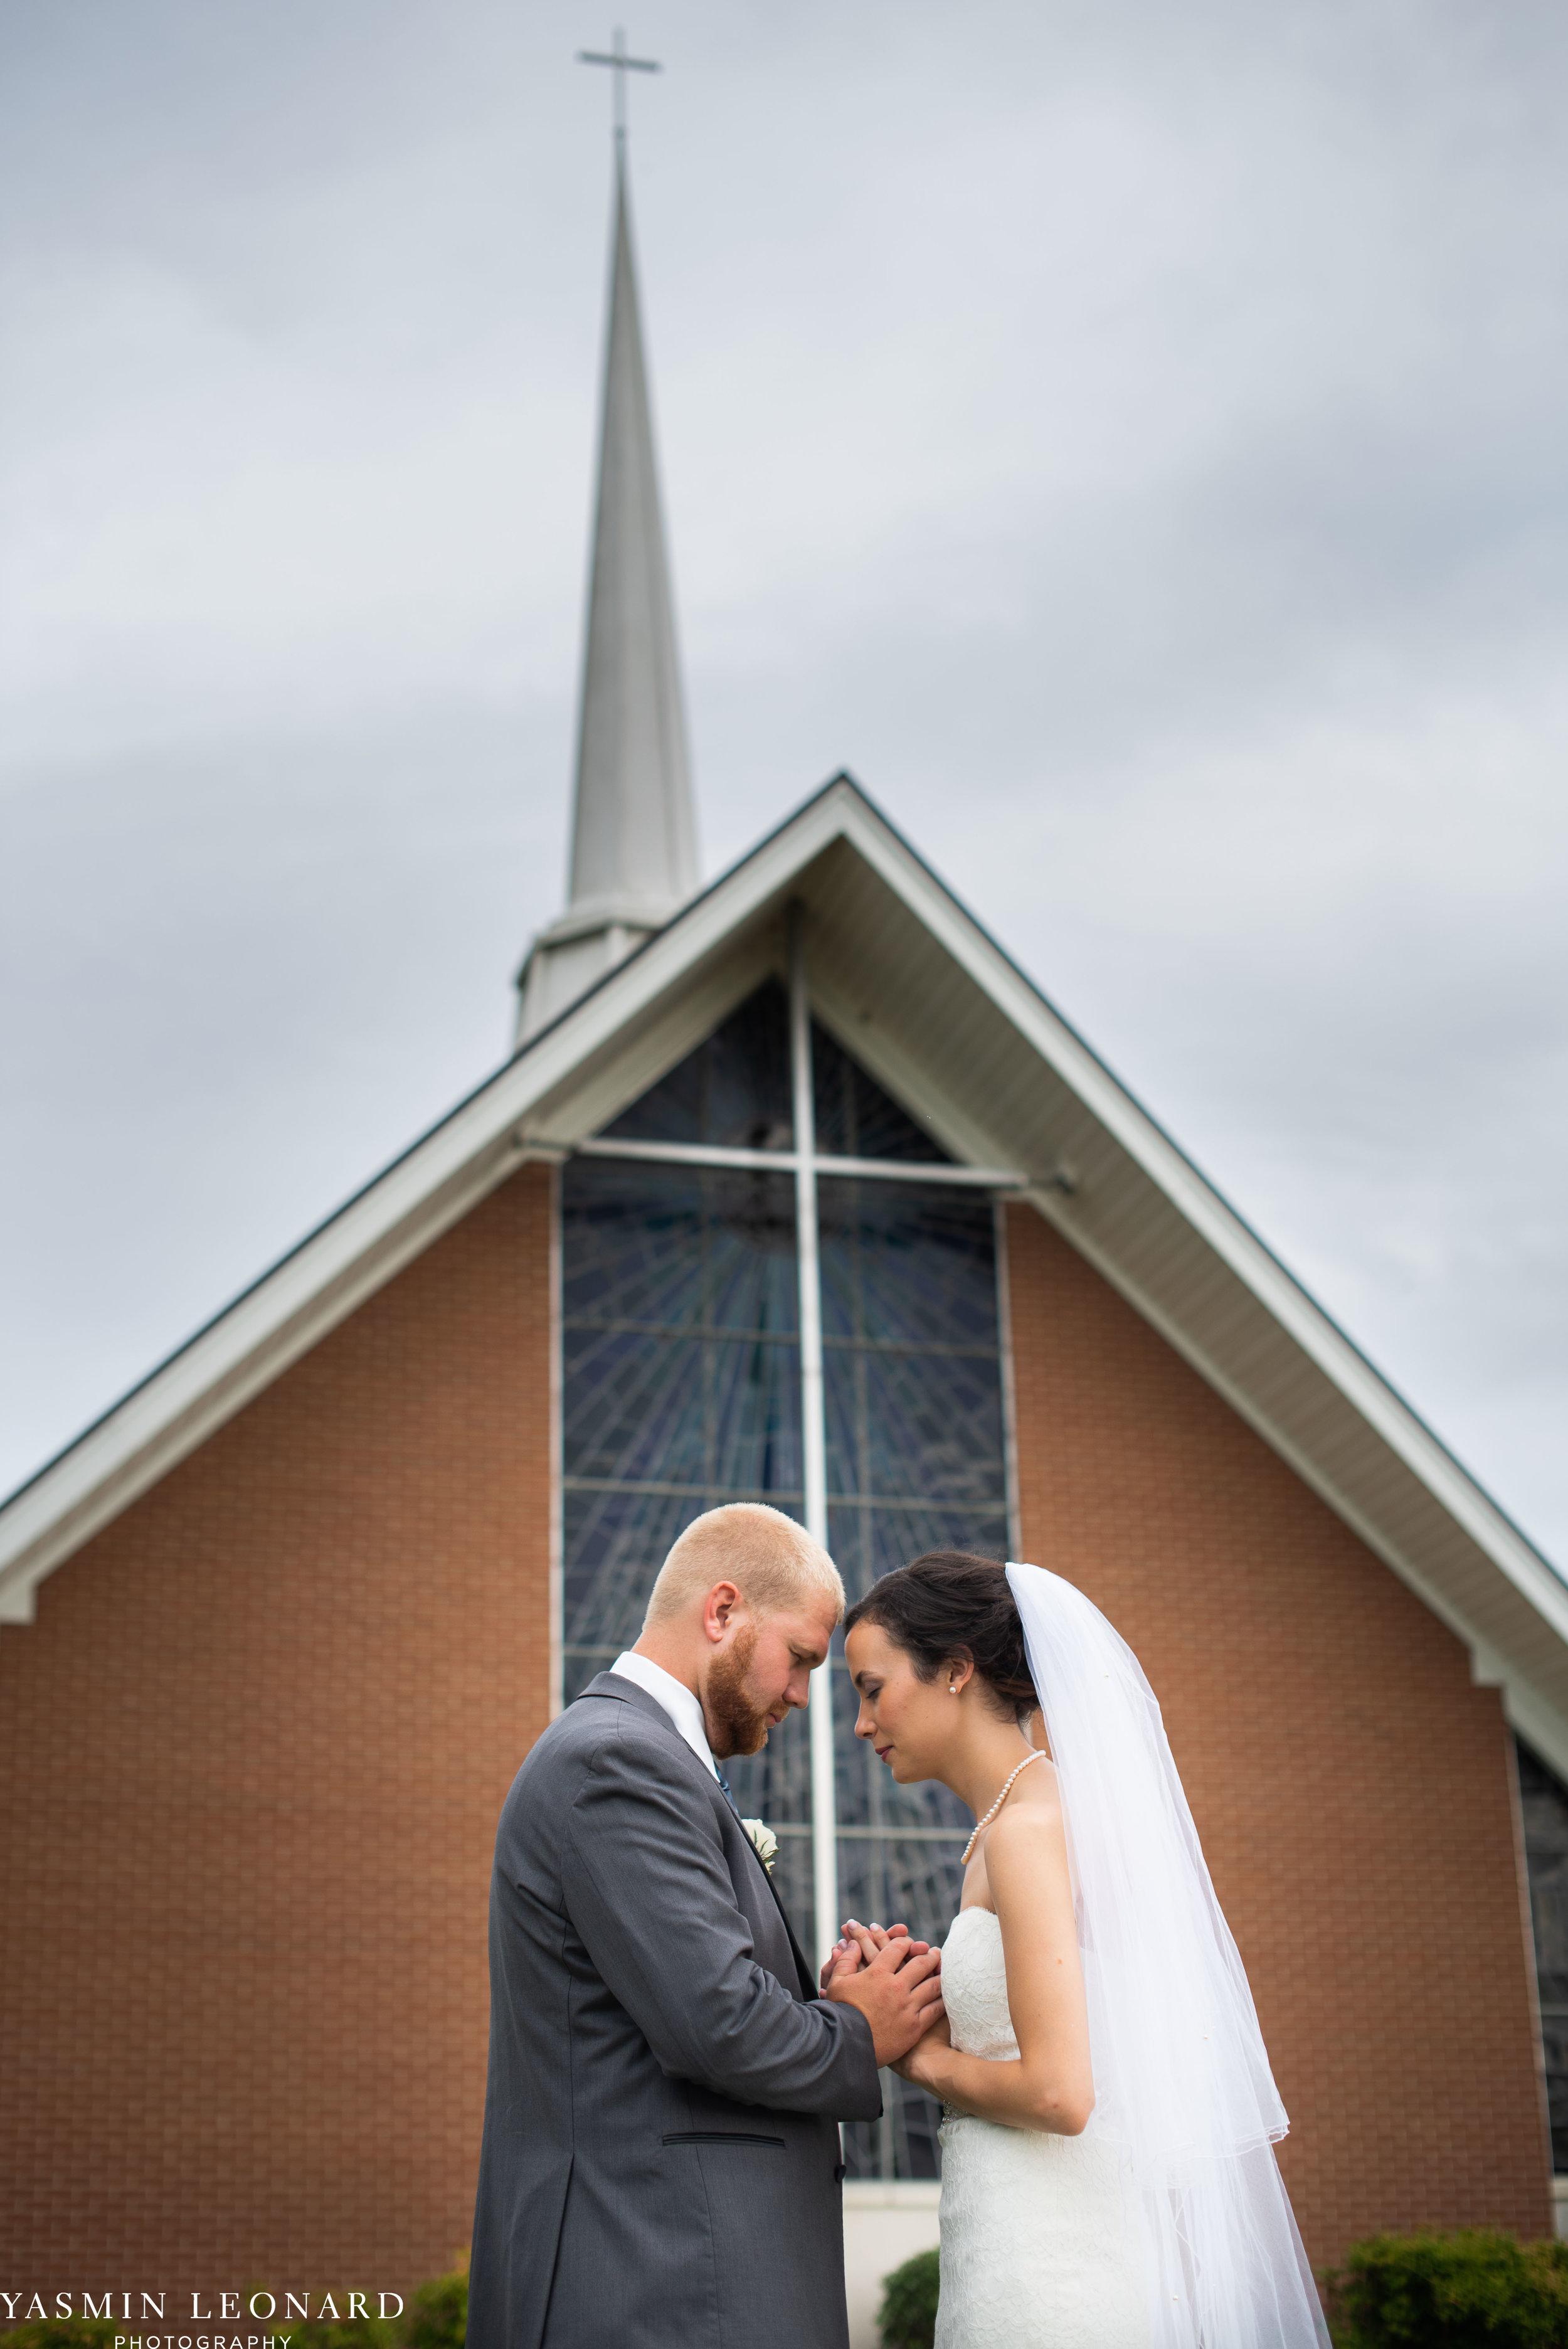 Mt. Pleasant Church - Church Wedding - Traditional Wedding - Church Ceremony - Country Wedding - Godly Wedding - NC Wedding Photographer - High Point Weddings - Triad Weddings - NC Venues-42.jpg